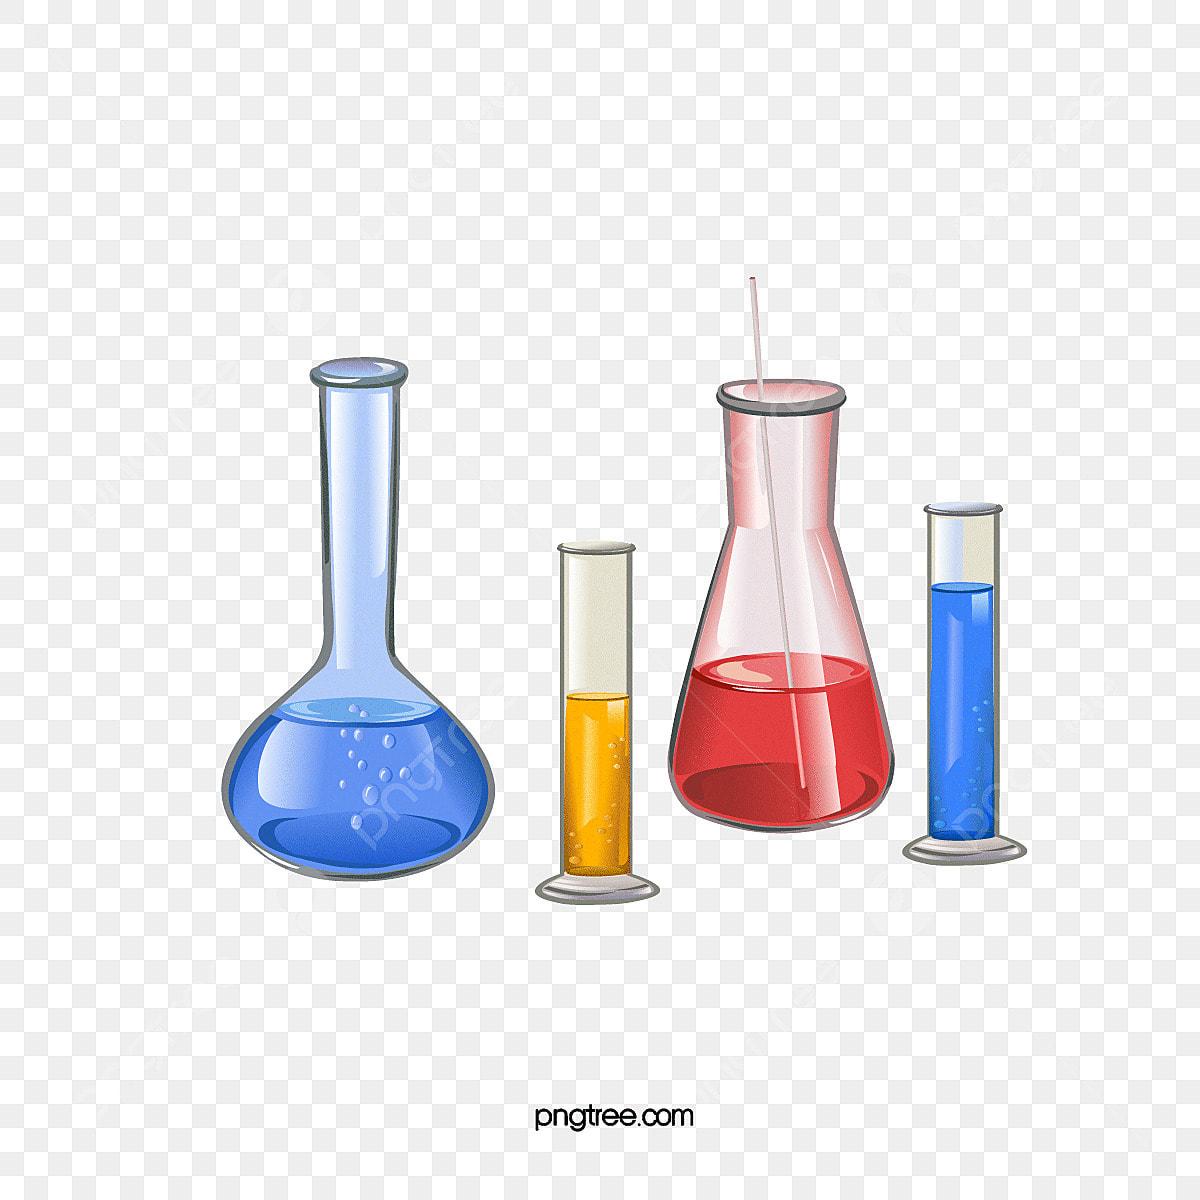 tube  u00e0 essai exp u00e9rience science instrument png et vecteur pour t u00e9l u00e9chargement gratuit